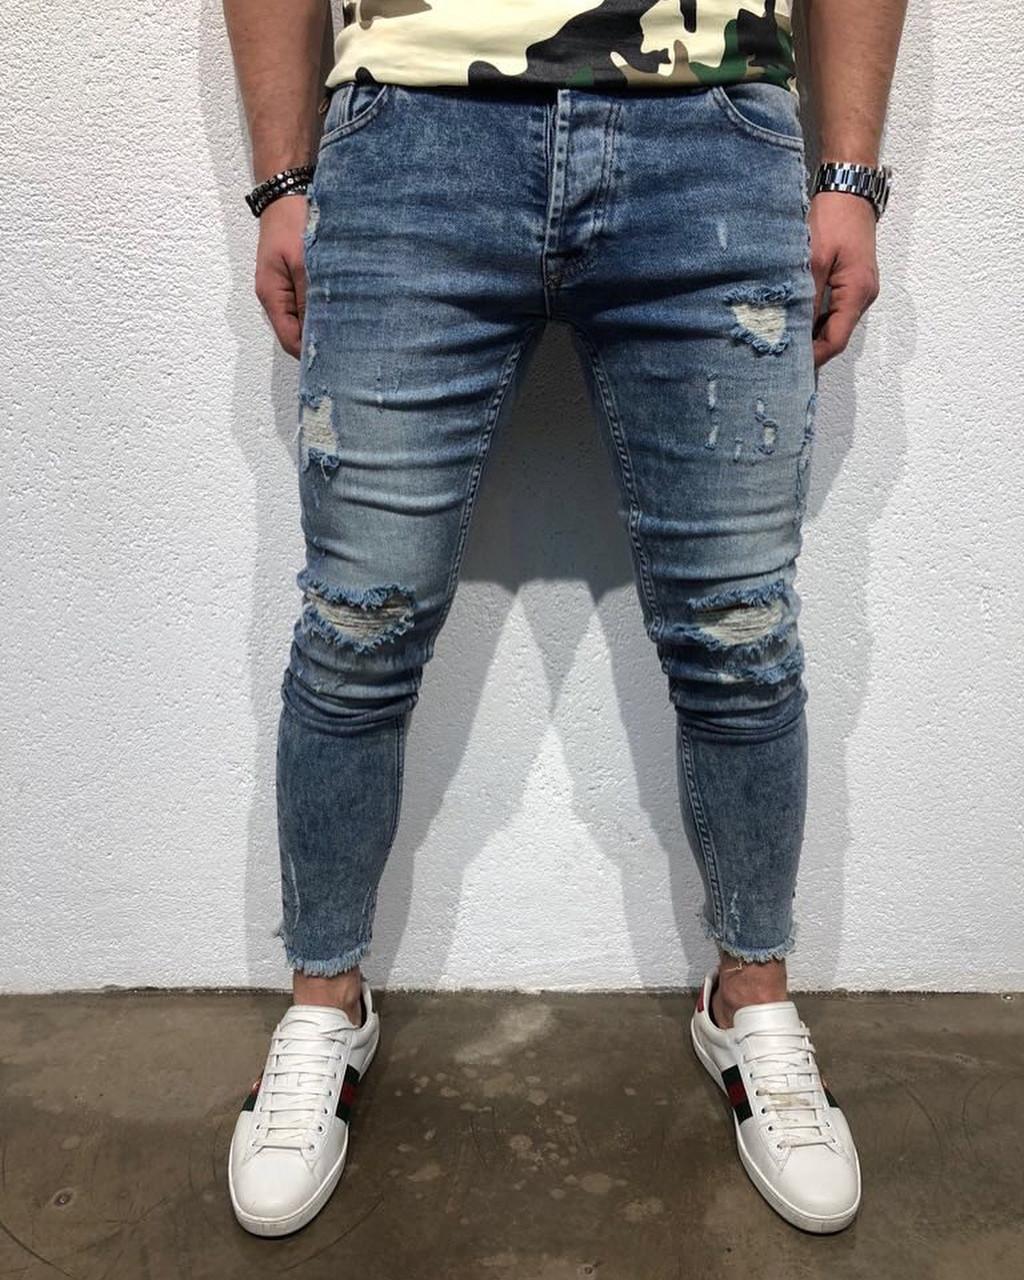 e56ba445460 Мужские джинсы с дырками на коленях (рваные джинсы) светлые зауженные -  Krossovki в Киеве